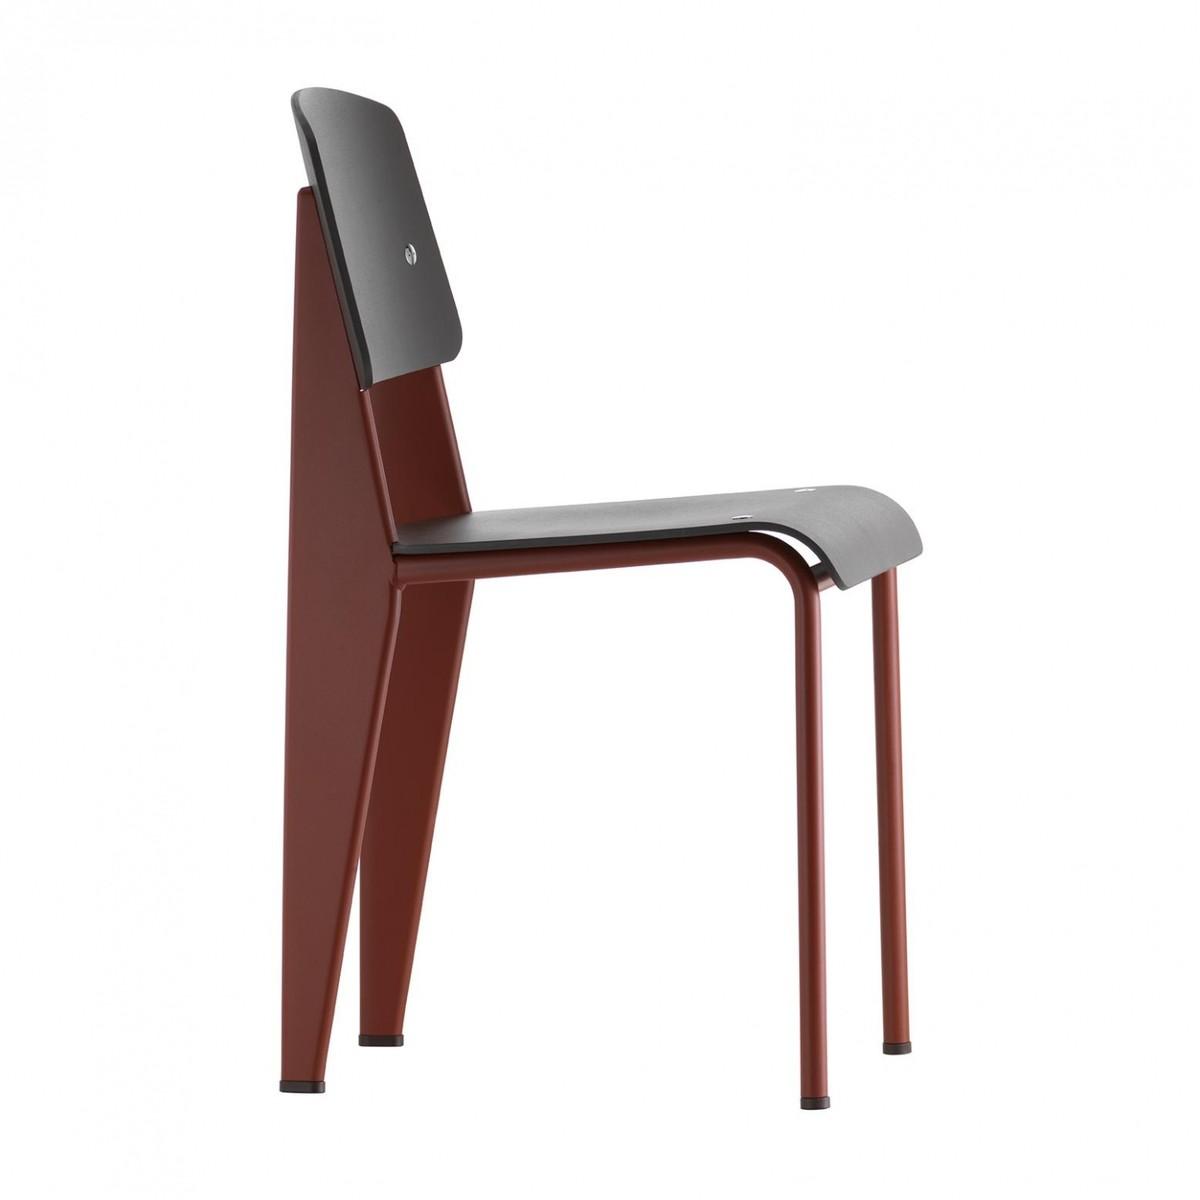 Exceptionnel Standard SP Prouvé - Chaise | Vitra | AmbienteDirect.com RL49